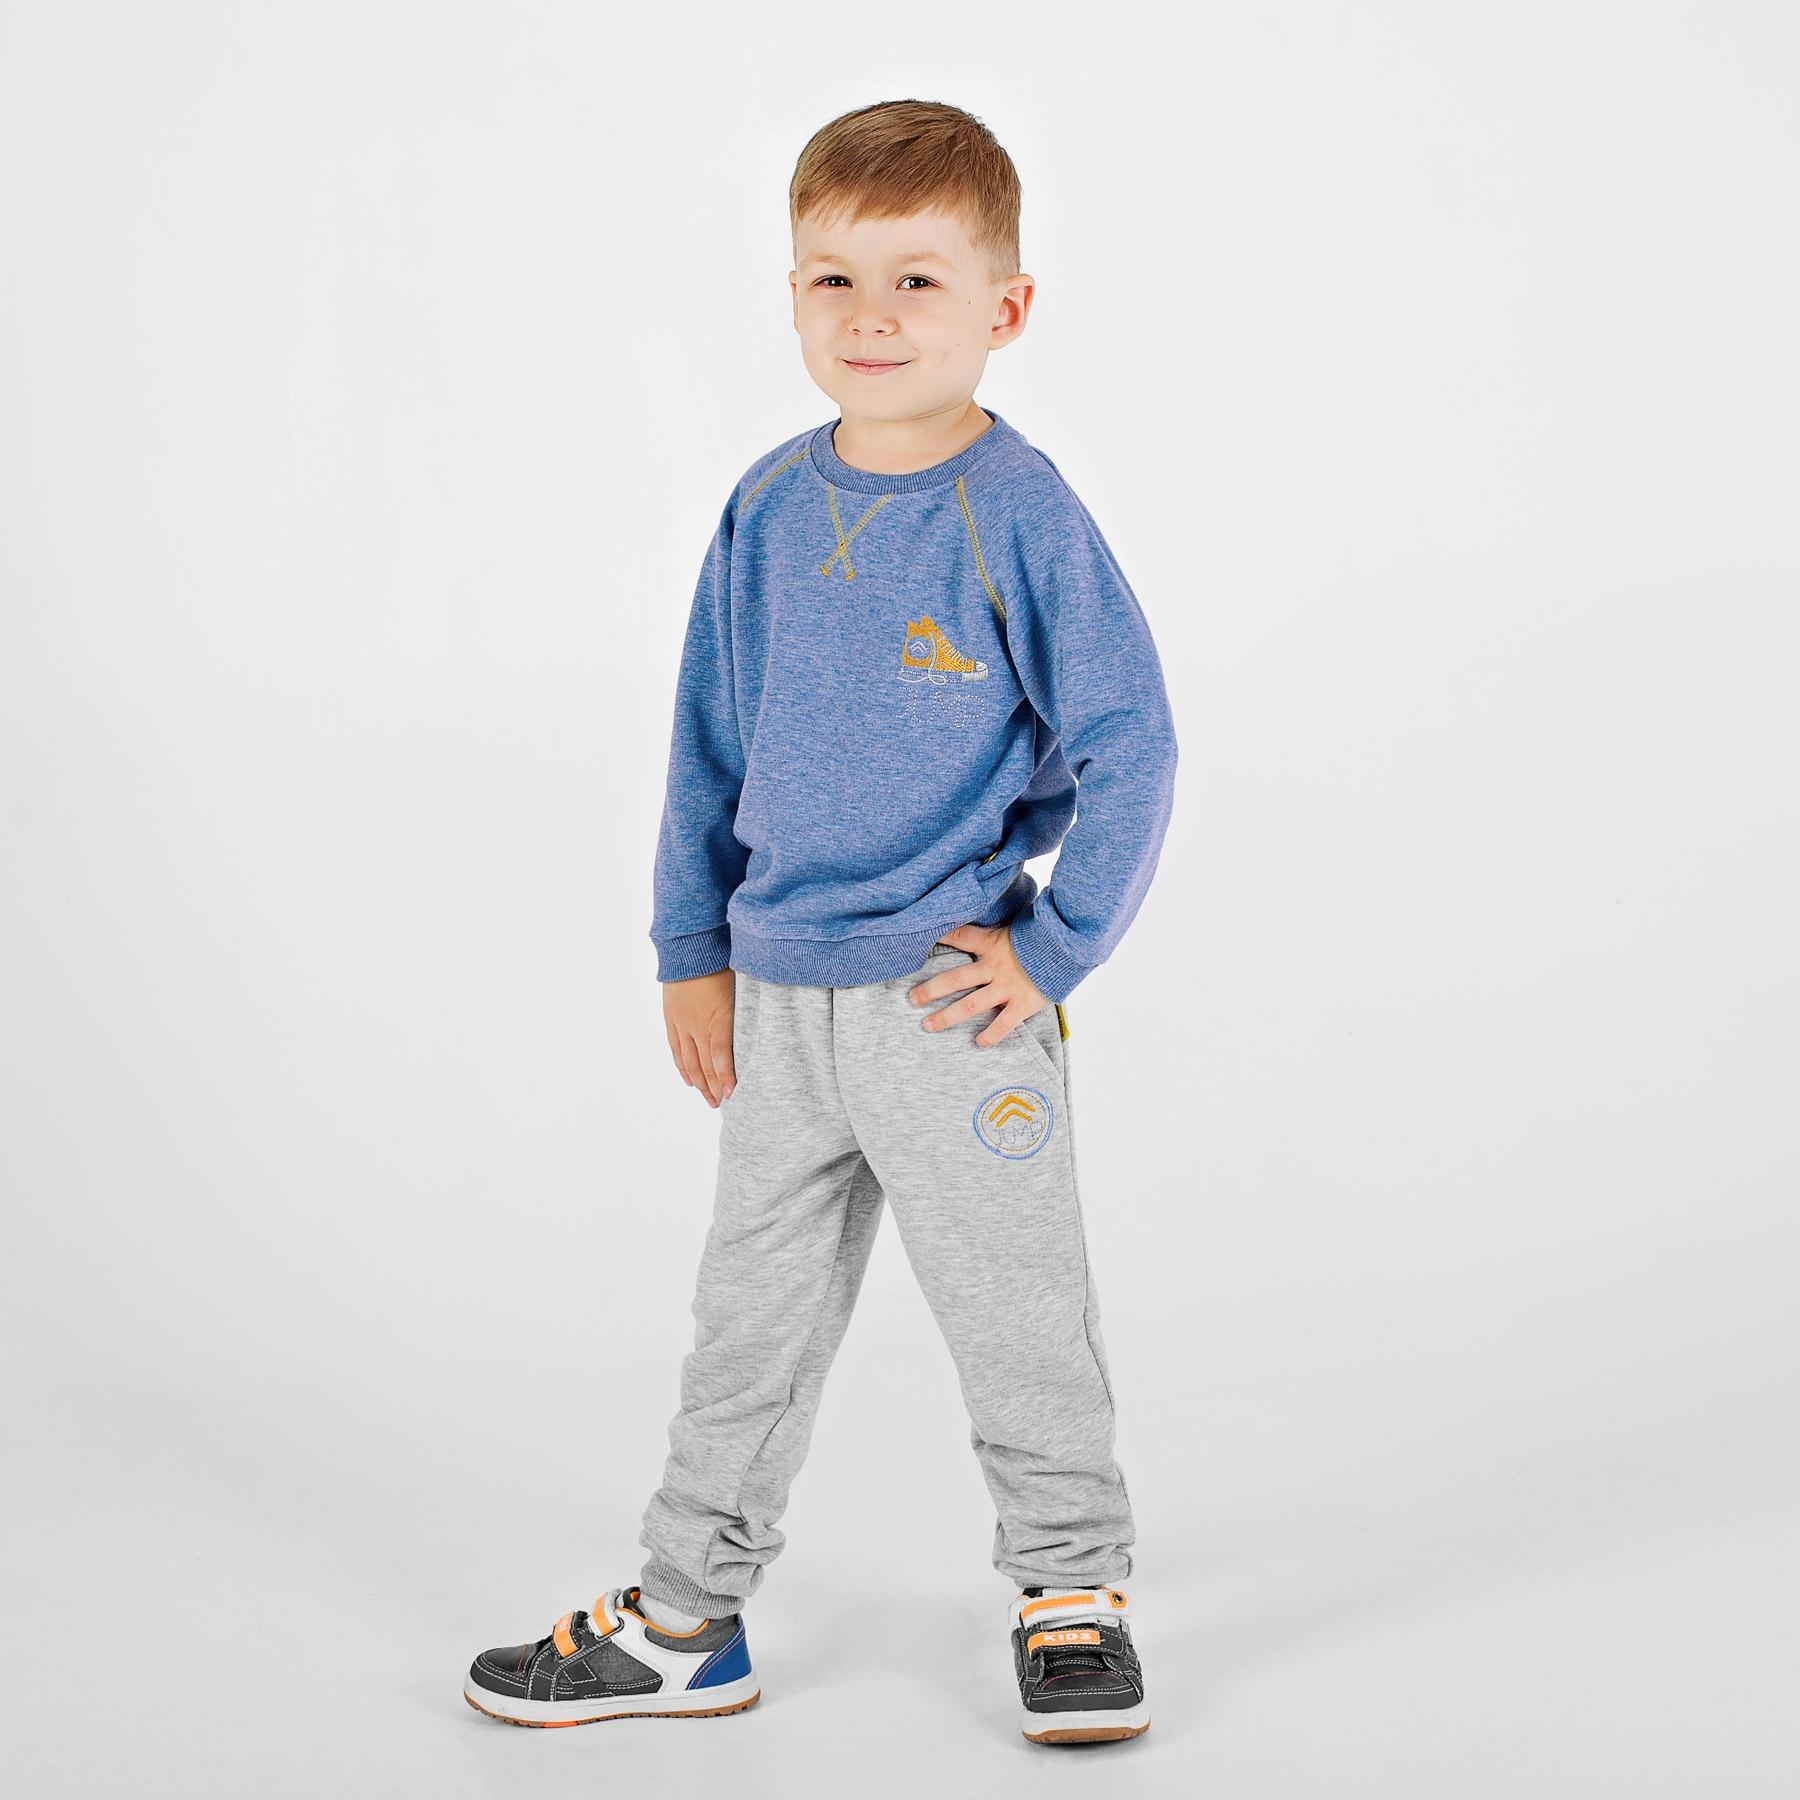 Sweatshirt for boys Bossa Nova 227B-460 christmas snowflake print long sleeve flocking sweatshirt